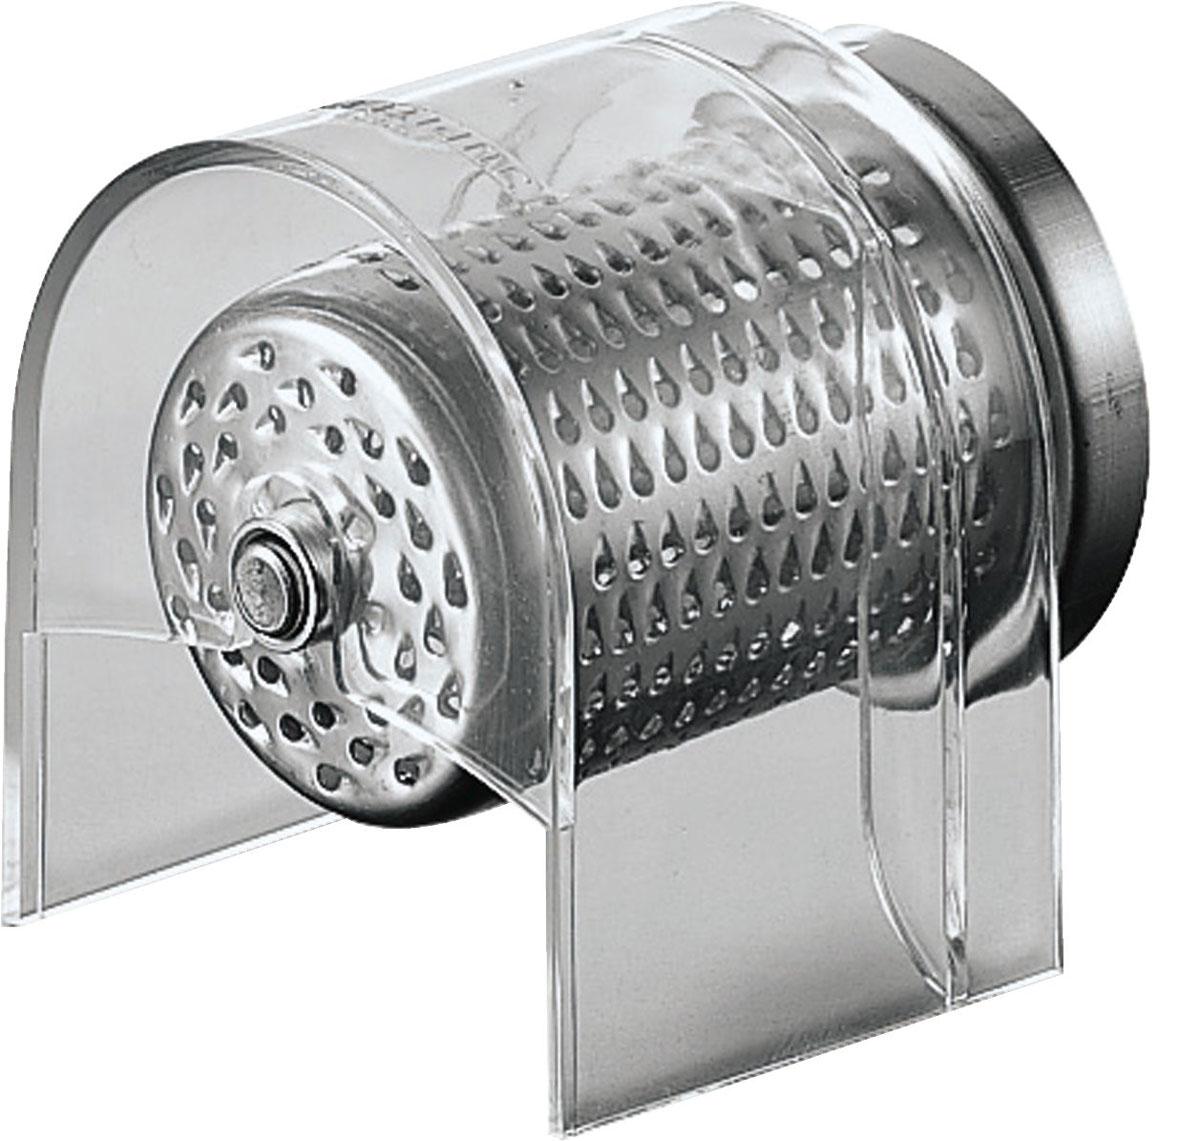 Bosch MUZ45RV1 диск-терка для кухонных комбайновMUZ45RV1Диск-терка Bosch MUZ45RV1 для кухонных комбайнов. Подходит для измельчения сыра, орехов, шоколада (охлажденного), сухарей.